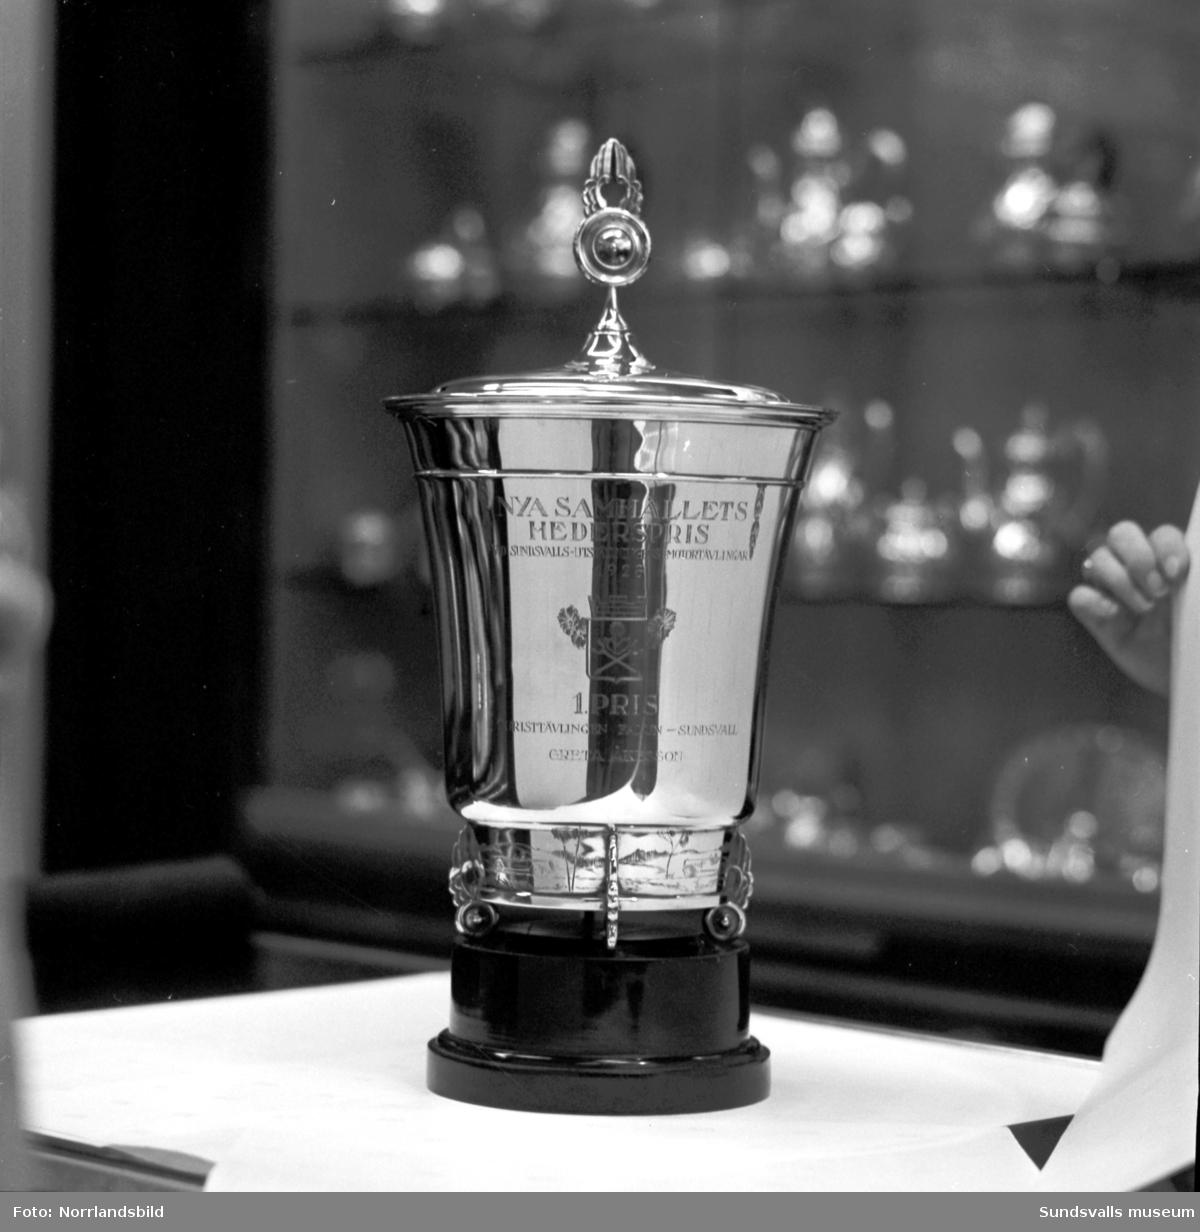 Silverpokal på Hallbergs Guld. Gravyr: Nya Samhällets hederspris vid Sundsvallsutställningens motortävlingar 1926. 1 pris i turisttävlingen Falun-Sundsvall. Greta Åkesson.